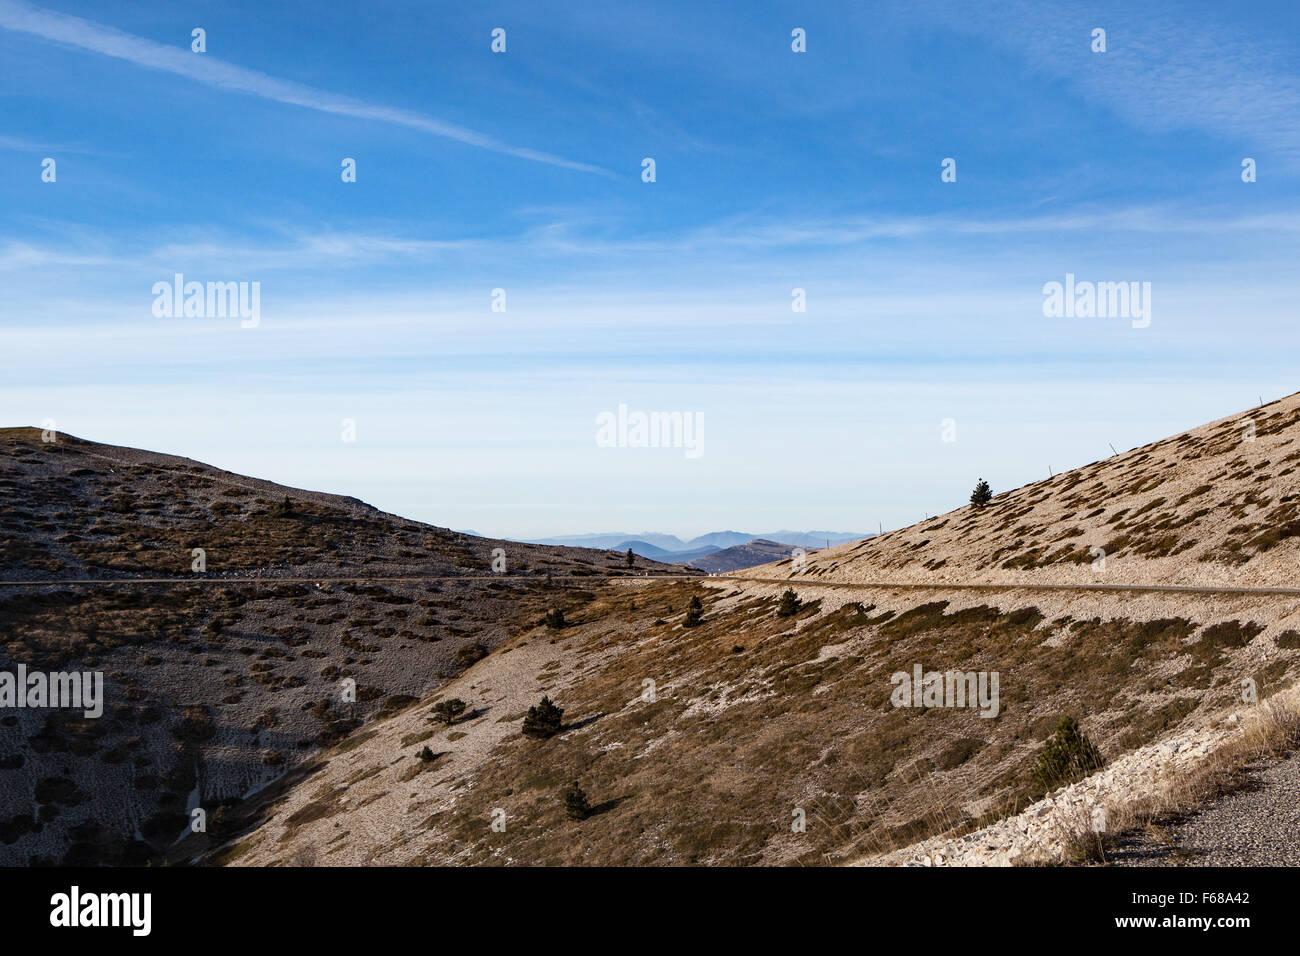 La Montagne de Lure (Alpes de Haute-Provence,Provence,France) - Stock Image